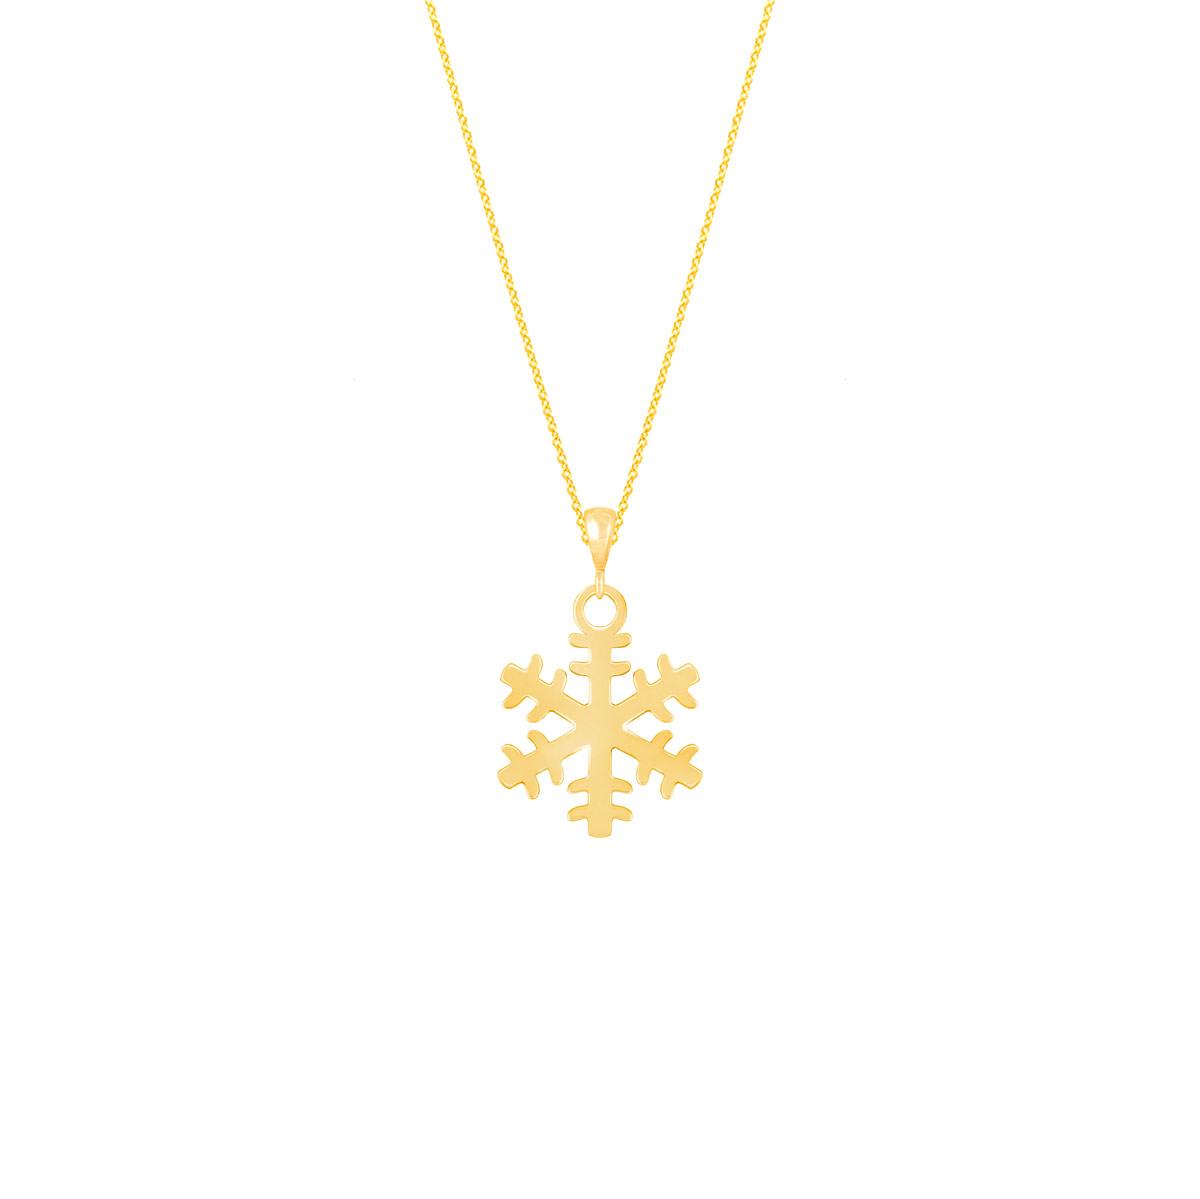 گردنبند طلا برف